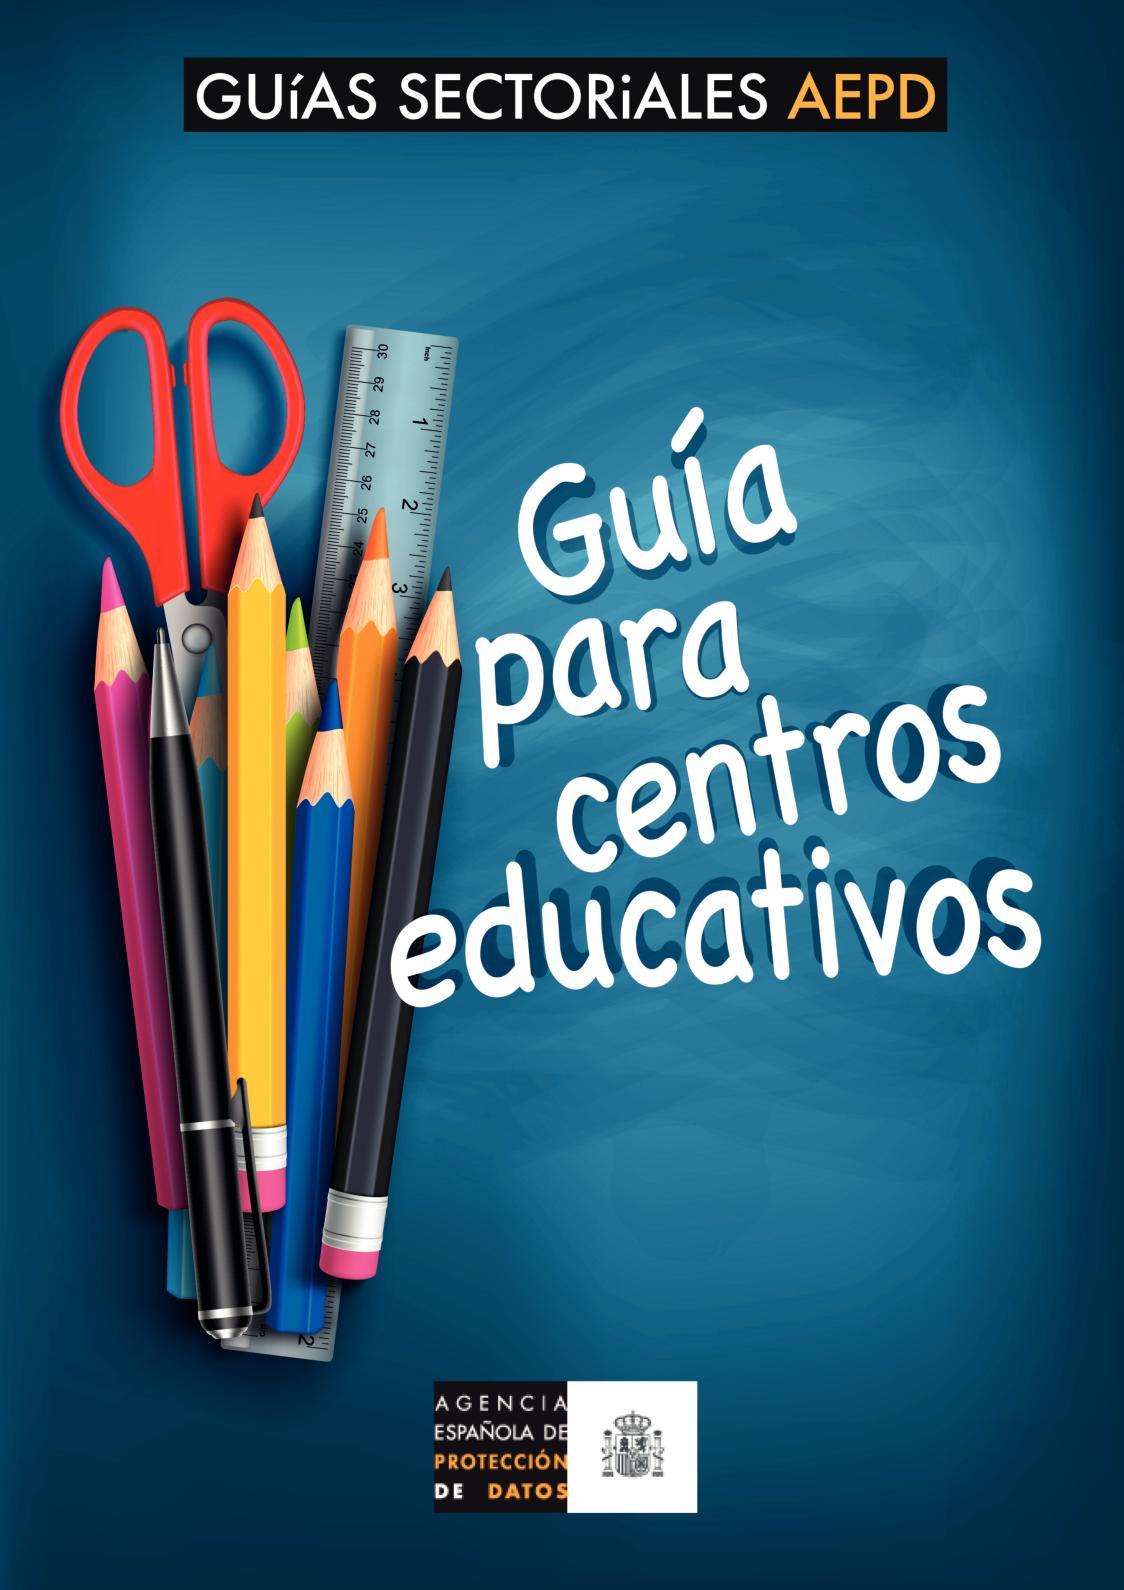 Guia Protección De Datos Para Centros Educativos